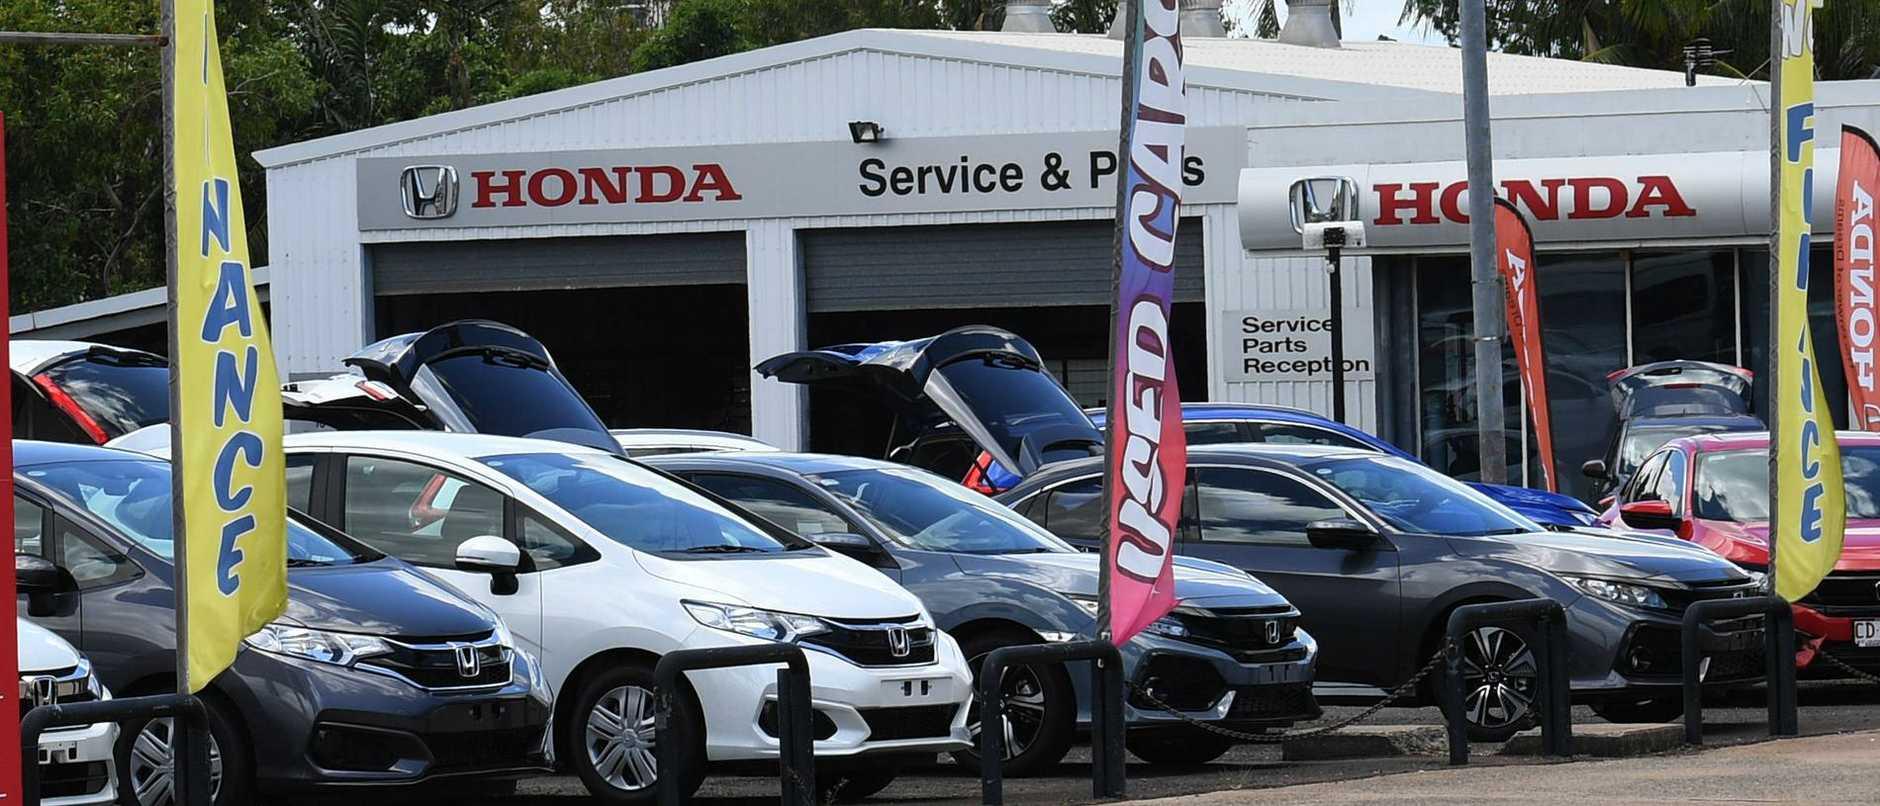 Honda Dealership site shot